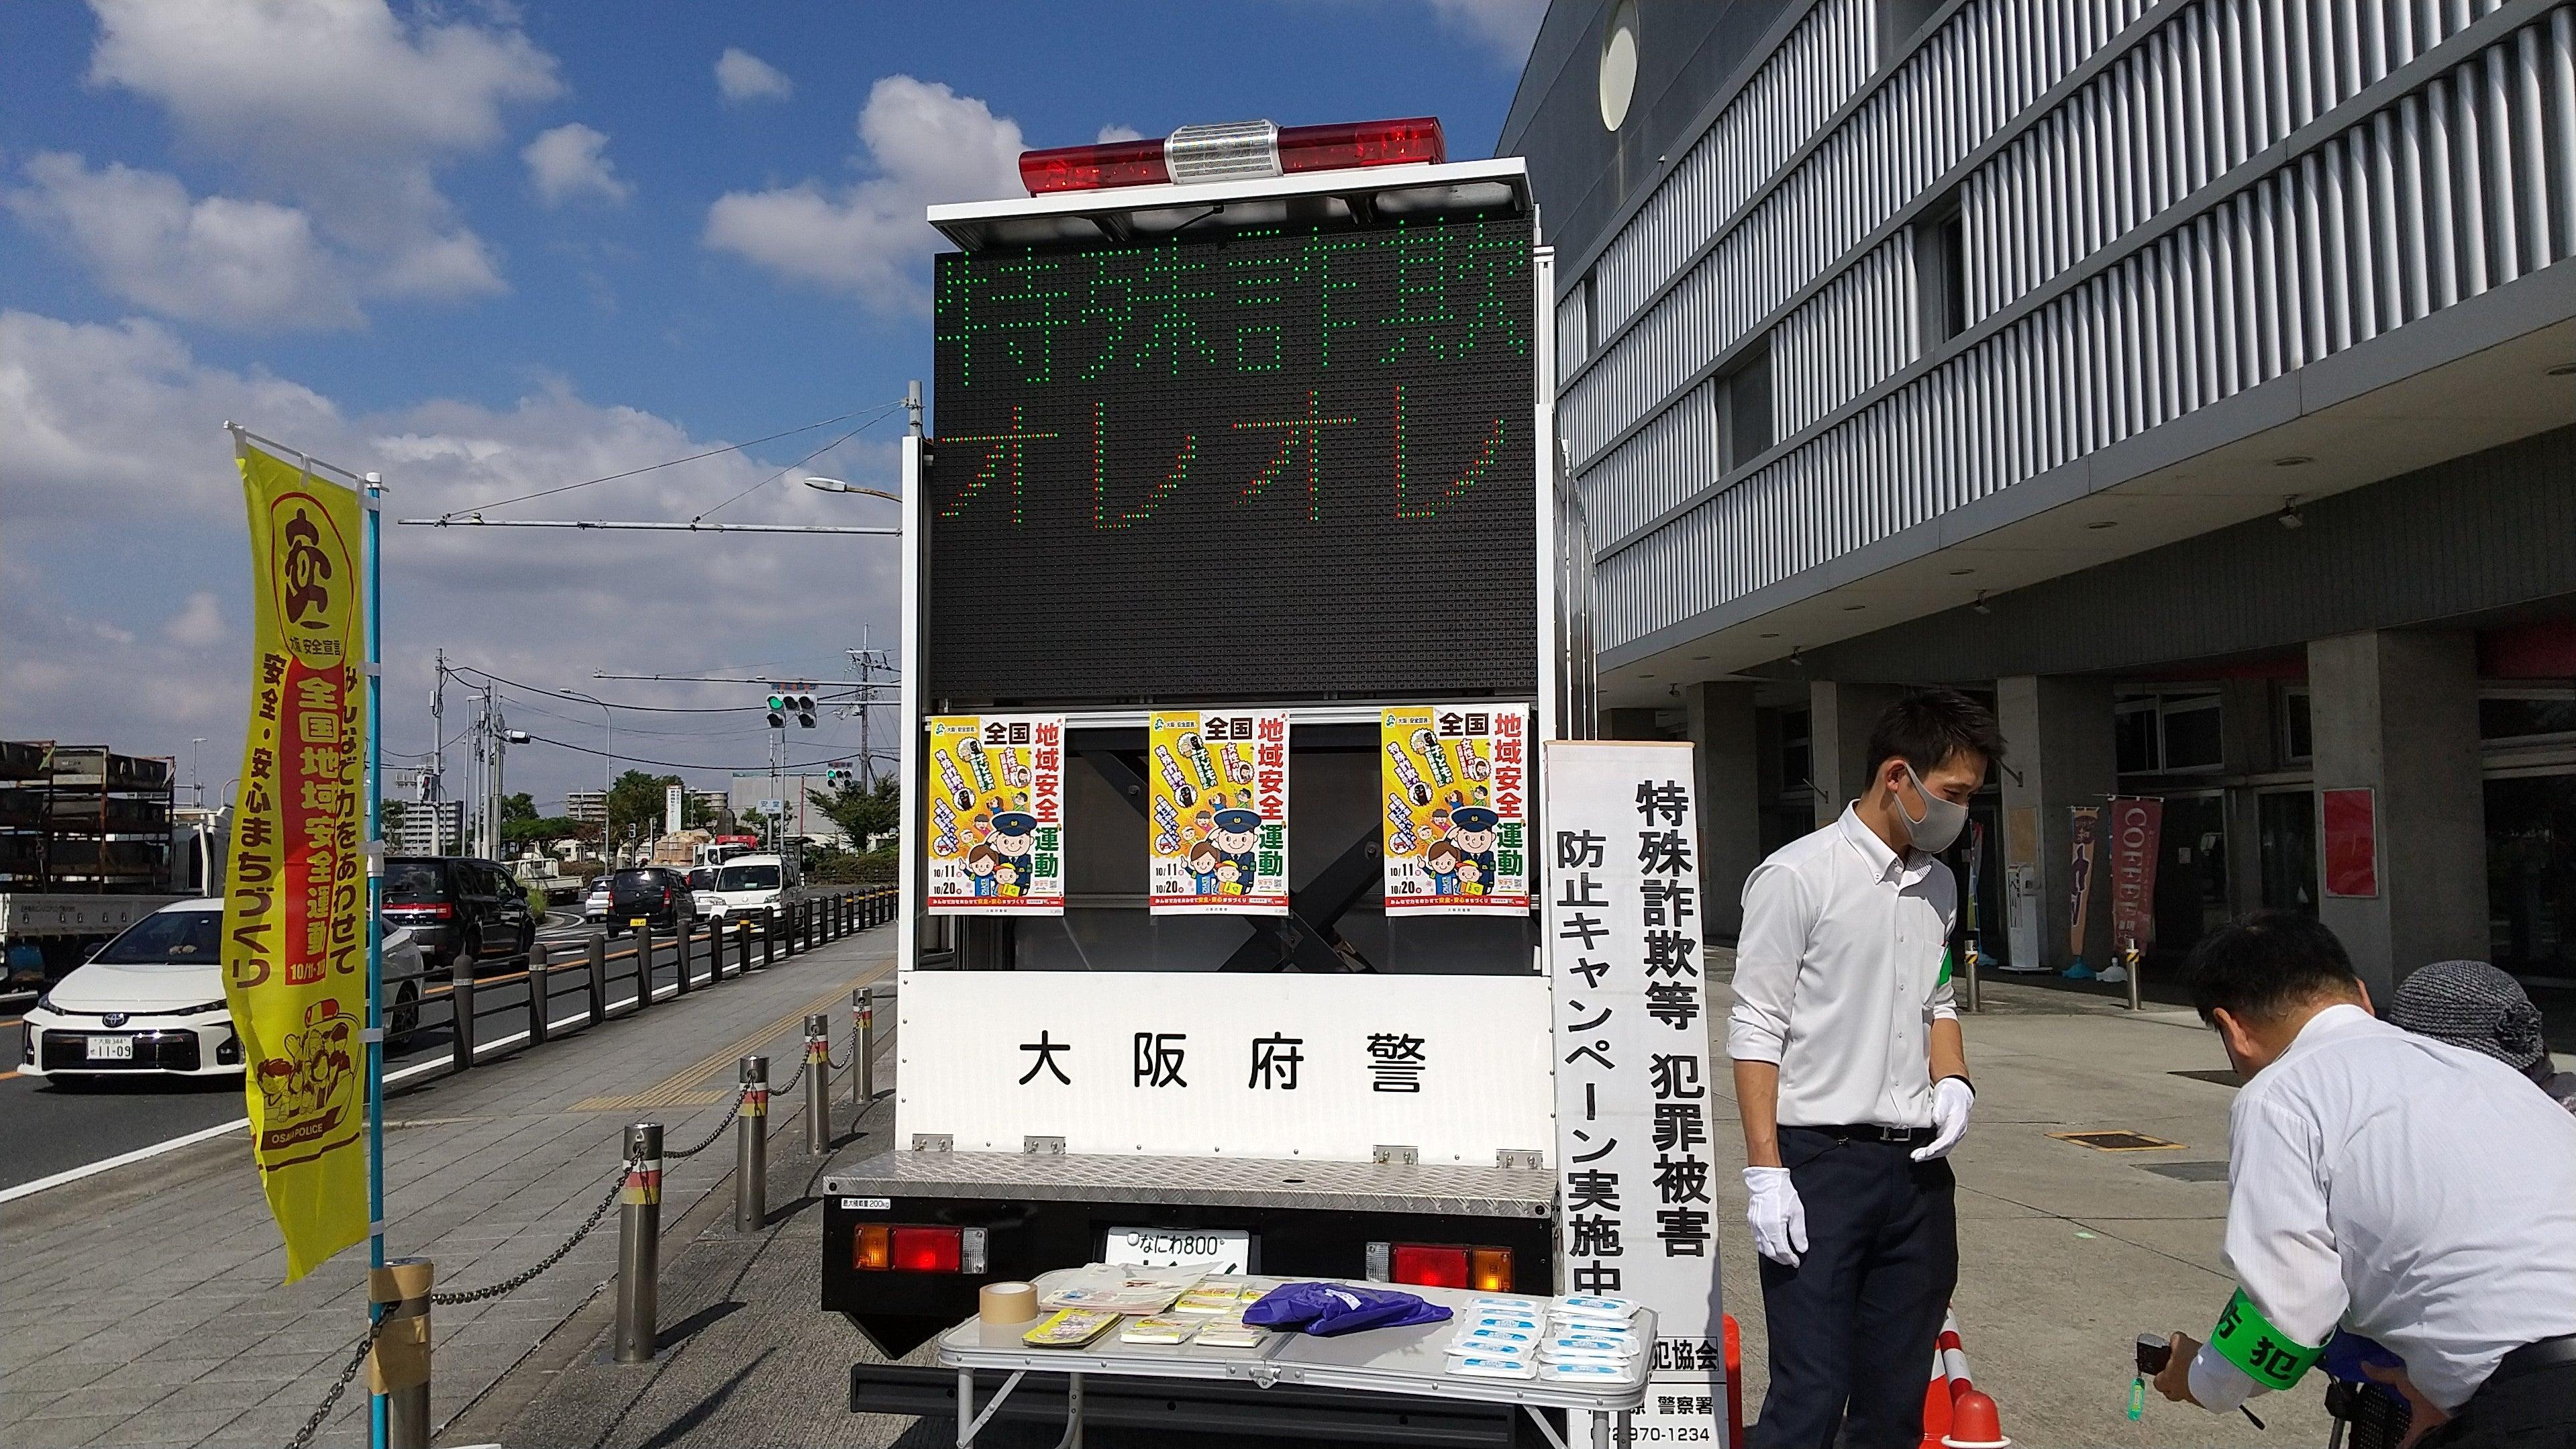 会館前広場に大阪府警のサインカーが来ています!